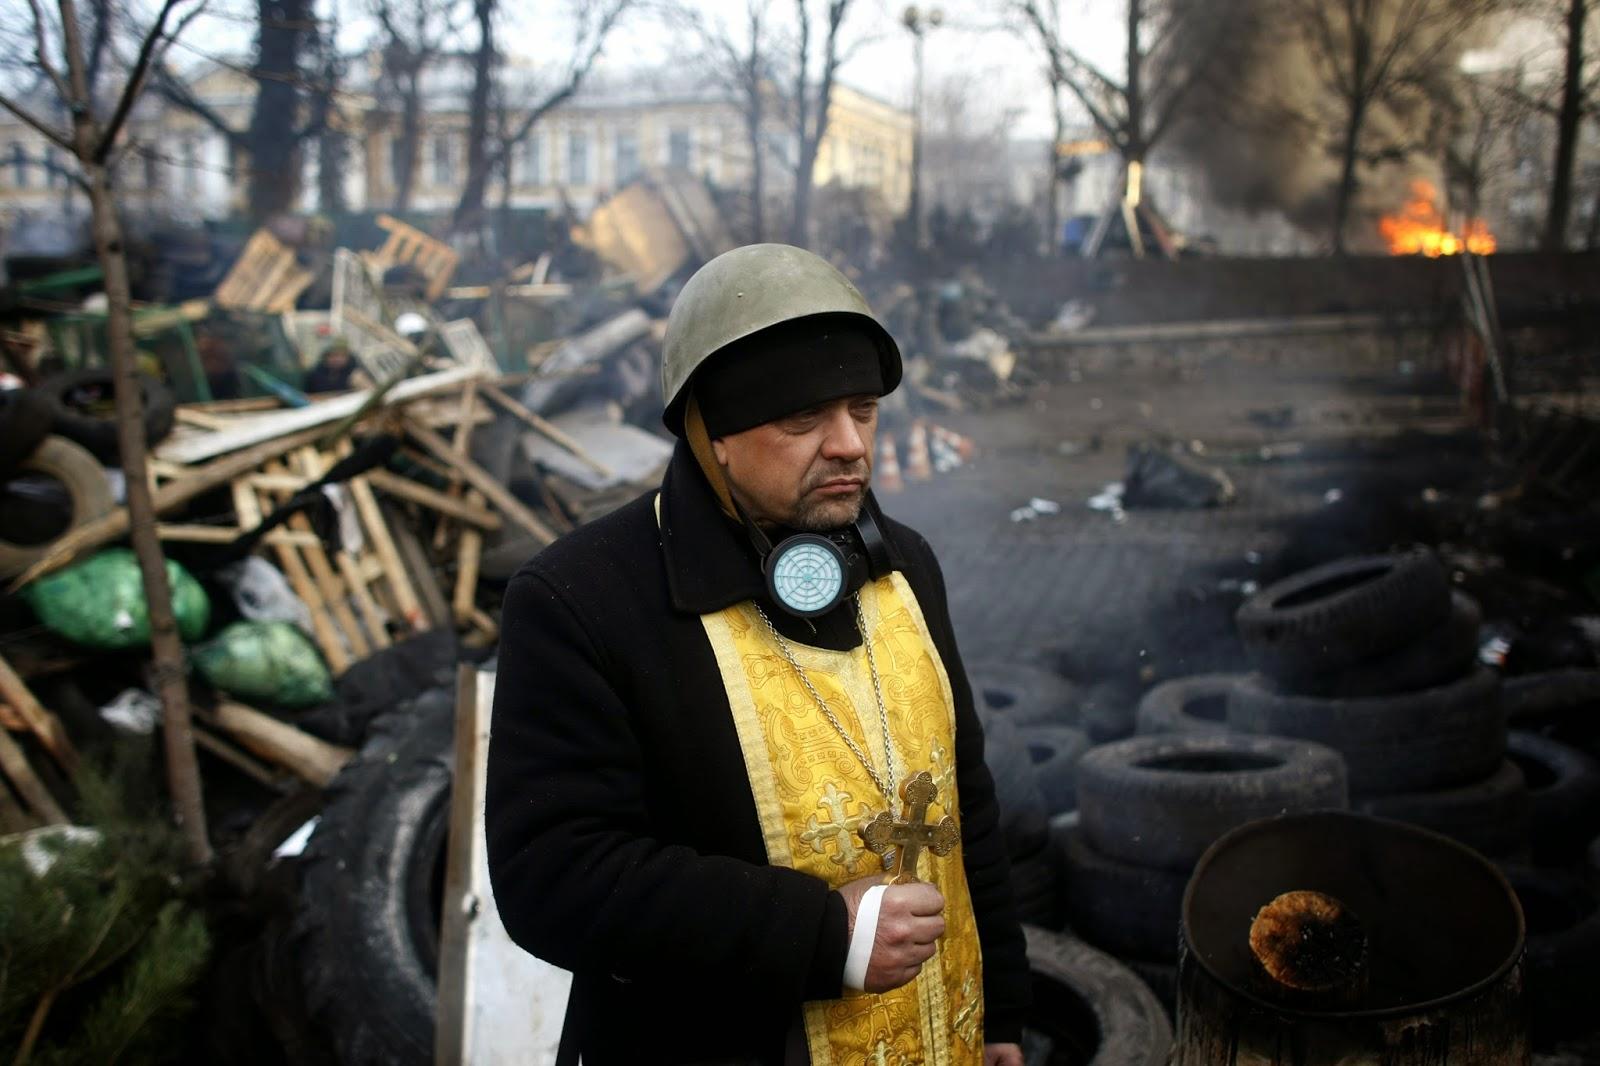 En las barricadas: un sacerdote se encuentra en la Plaza de la Independencia, febrero de 2014 | Fotografía: Church Times / PA